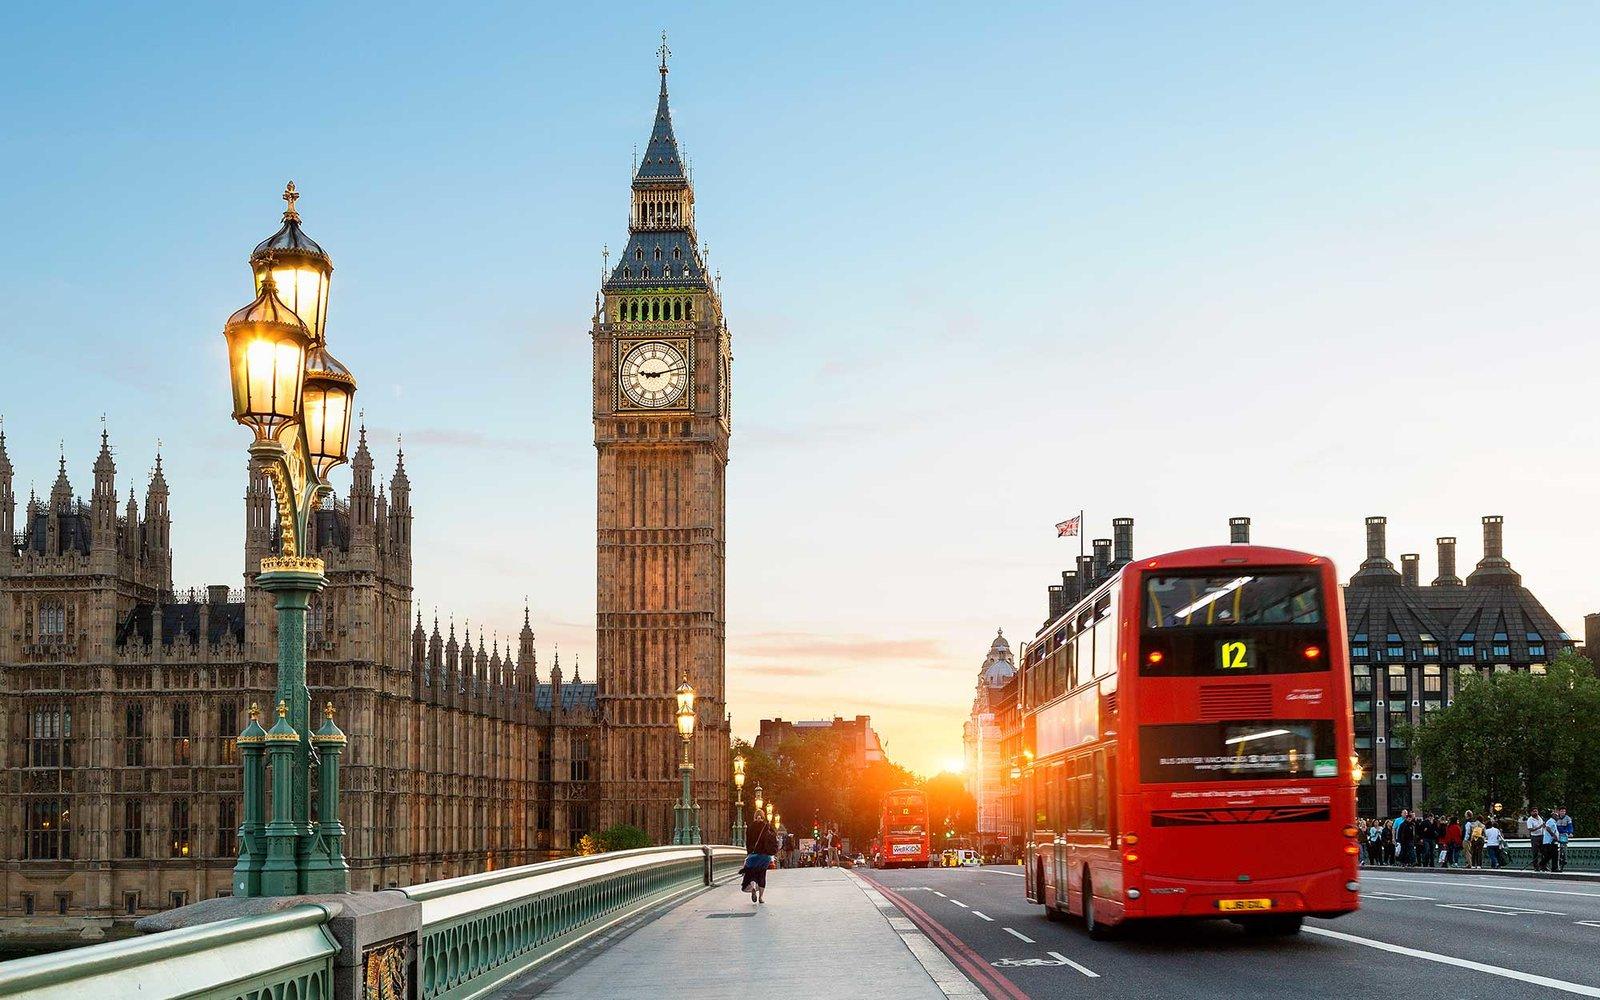 Լոնդոնում կկայանա «Հայերը ֆինանսների աշխարհում» համաժողովը